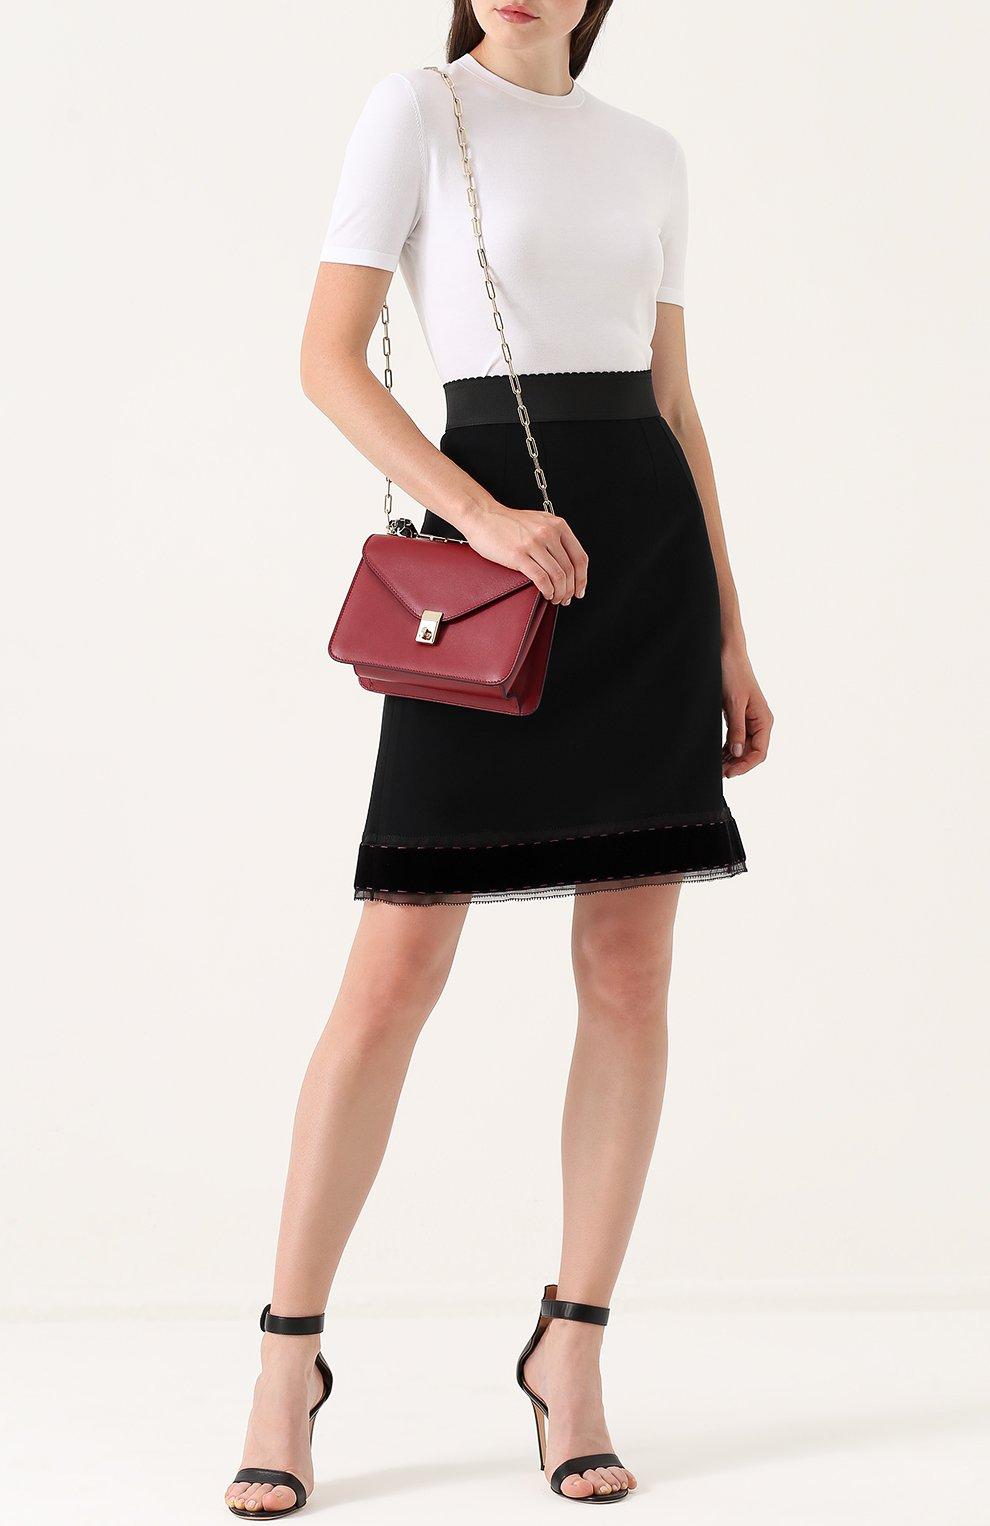 Юбка-миди с широким эластичным поясом Dolce & Gabbana черная | Фото №2